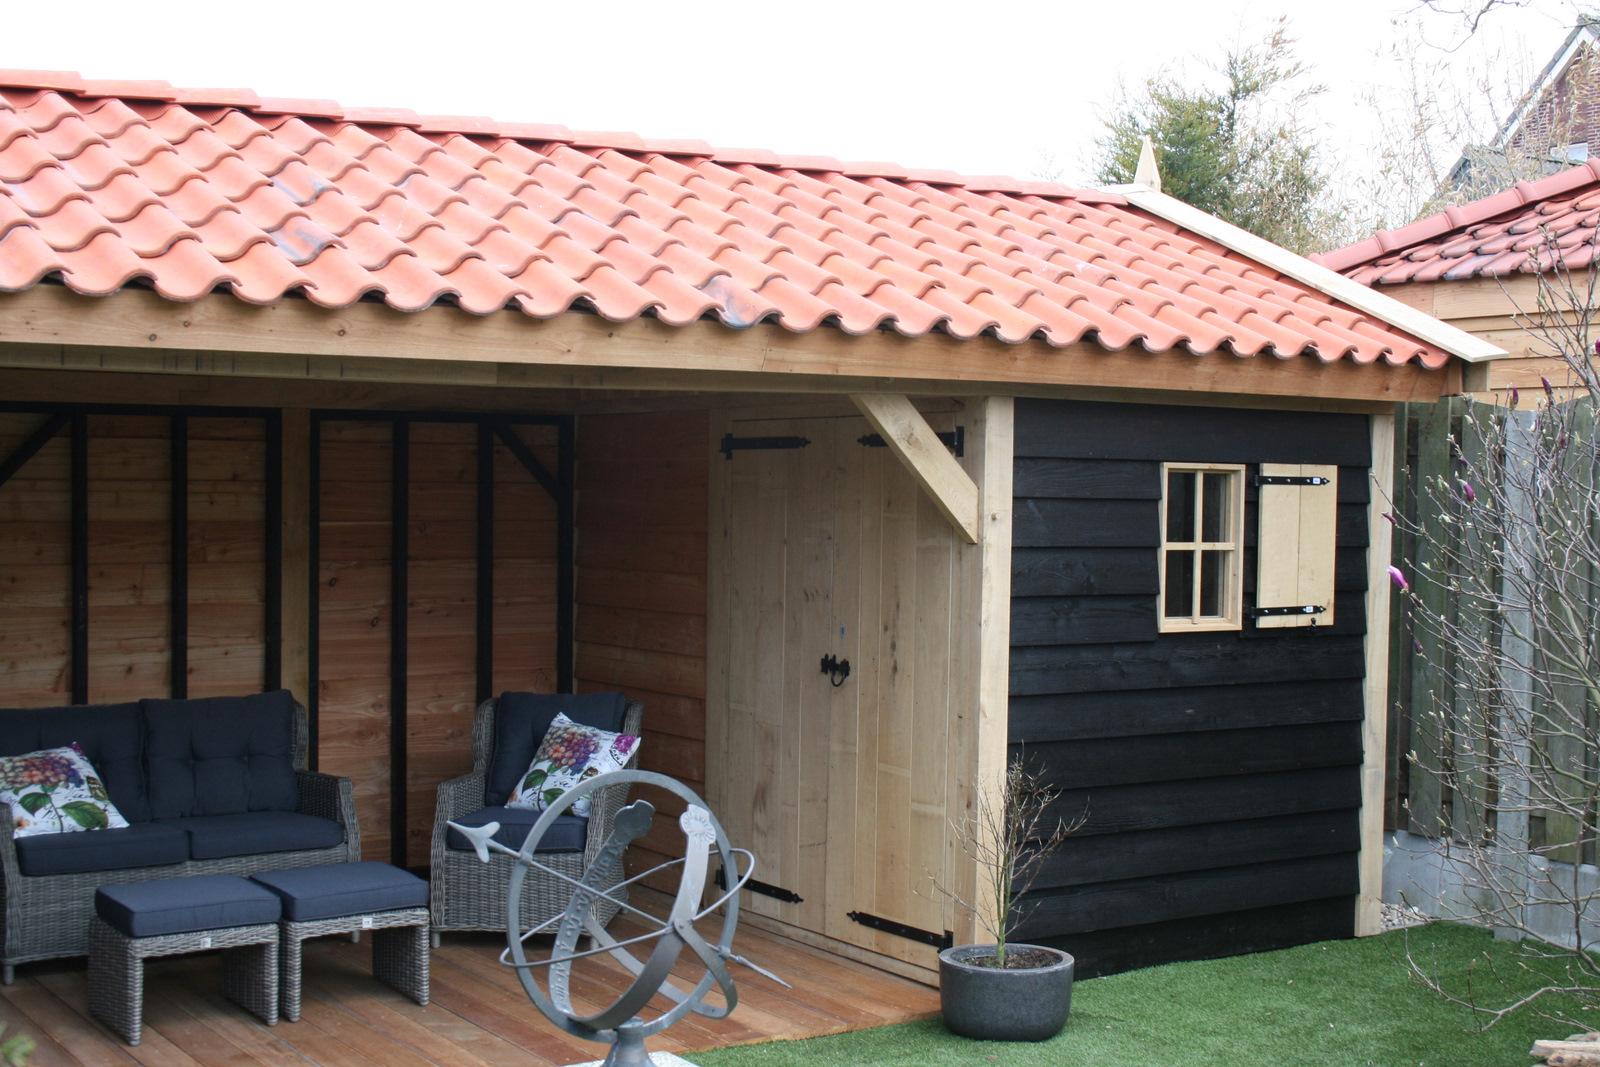 houten-tuinkamer-5 - Tuinhuis met tuinkamer Base